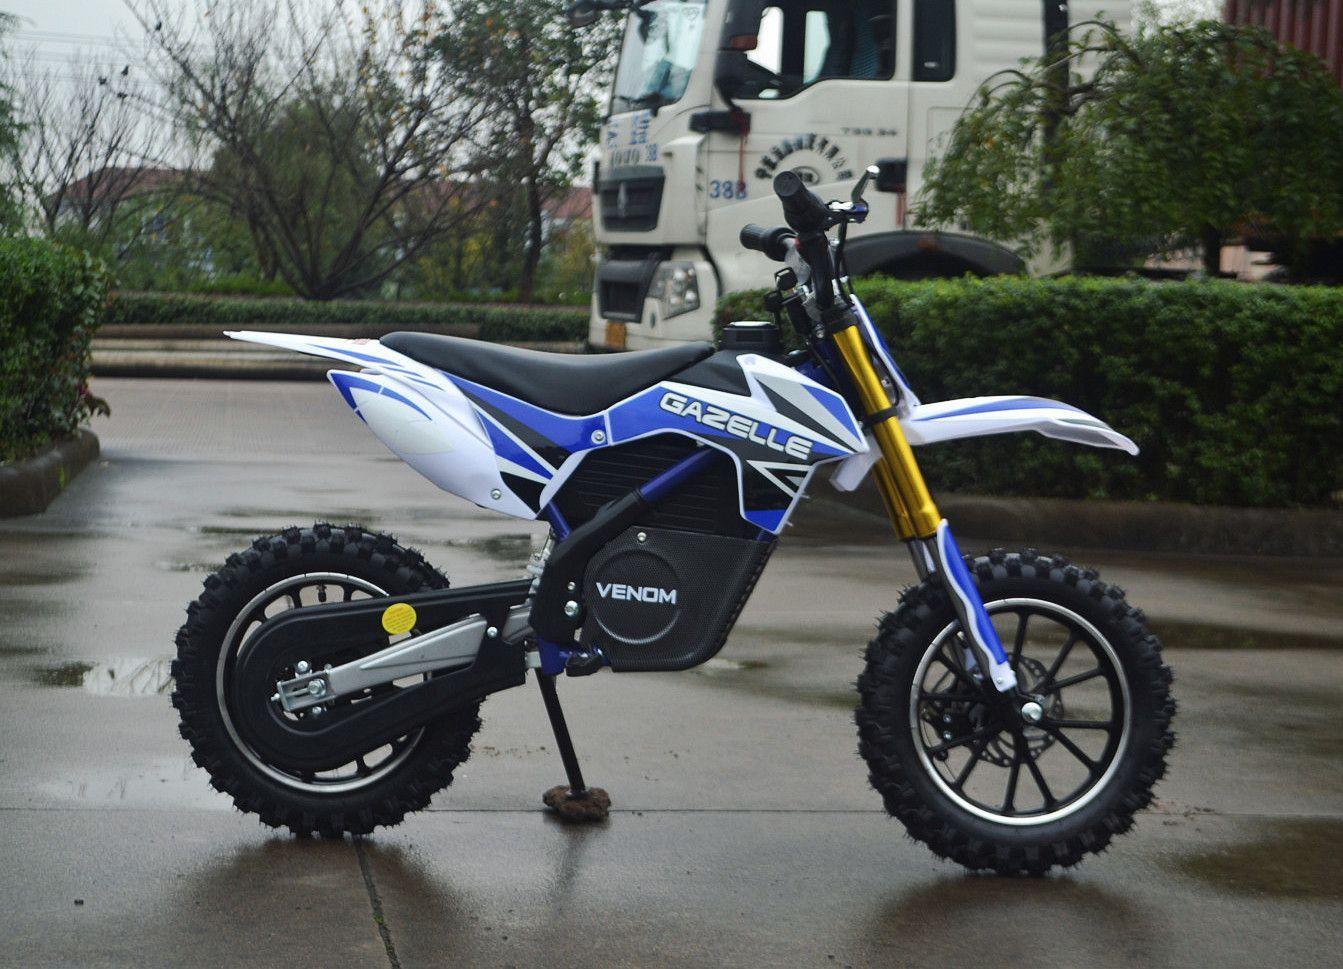 500w Electric Dirt Bike Motocross B77 Electric Dirt Bike Dirt Bike Bike